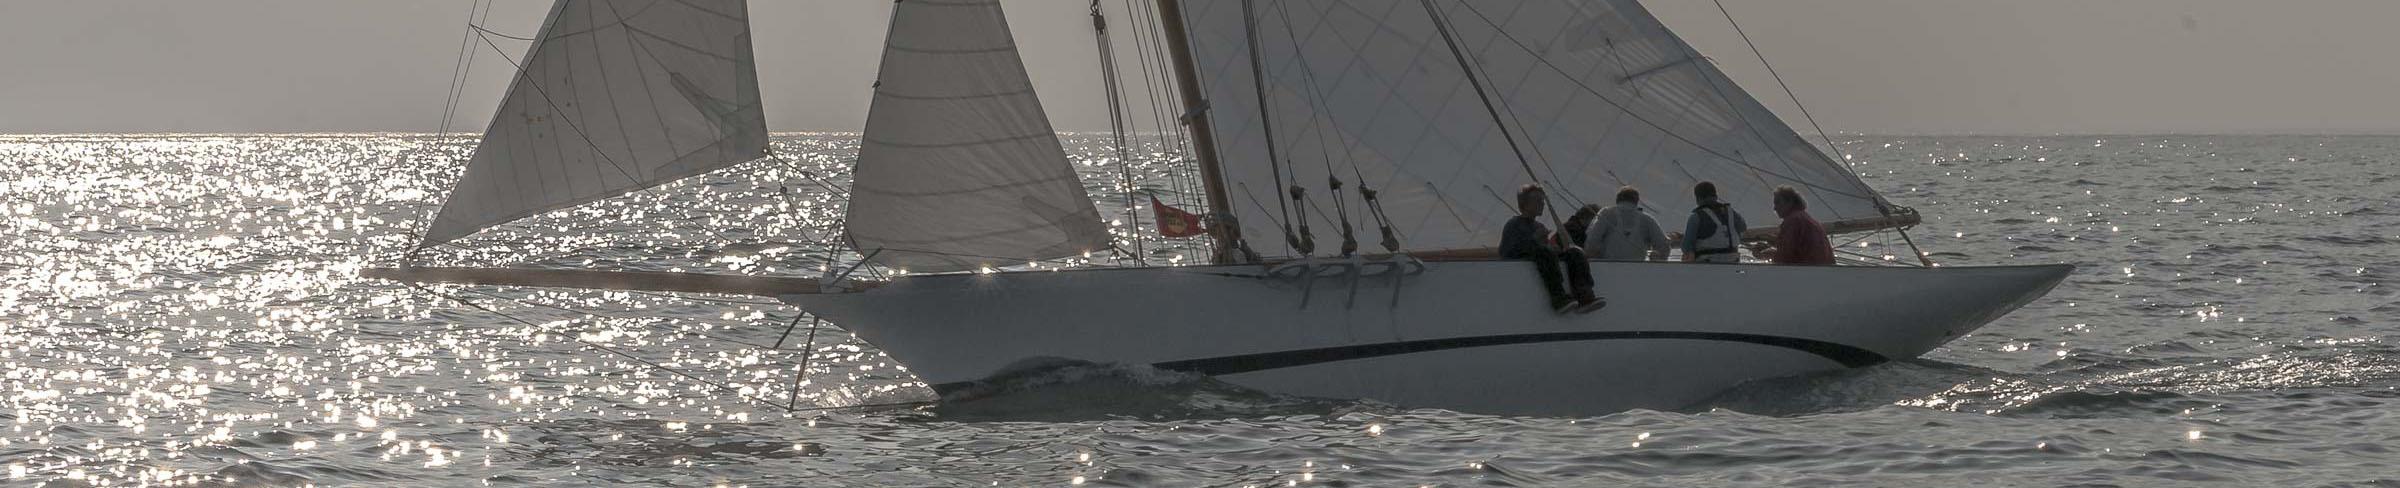 ycc yacht classique